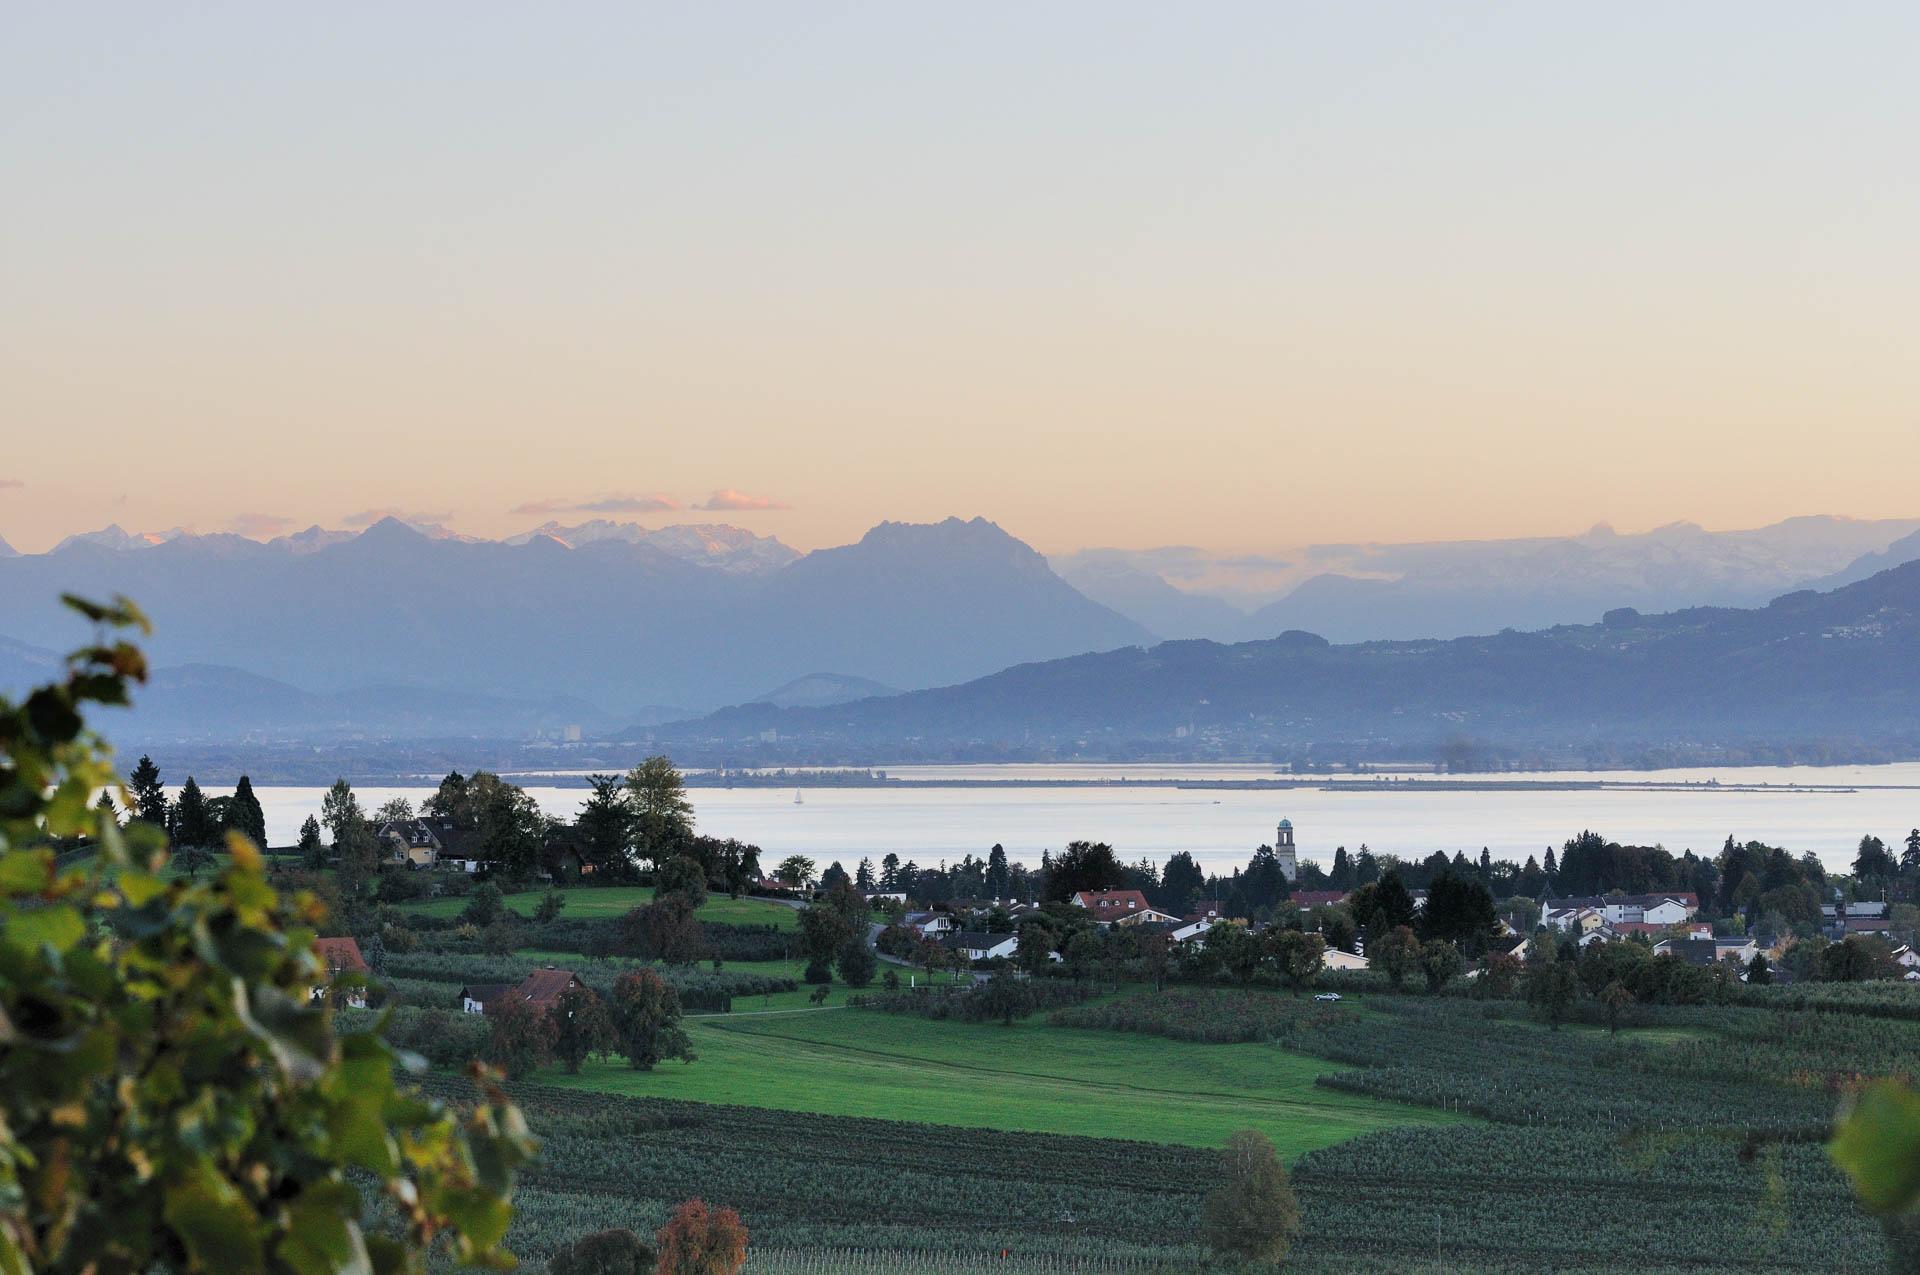 Die alte Kulturlandschaft am Bodensee mit Obst-und Weinbau, immer die Alpen und den See im Blick.